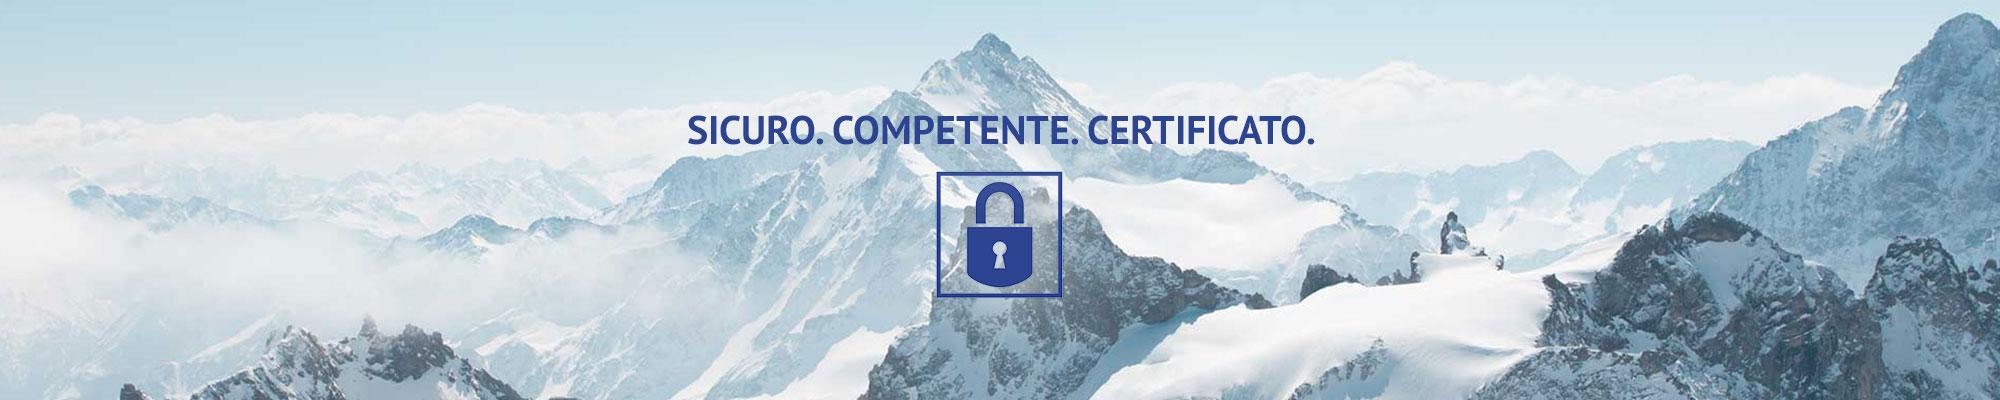 Schweizer Berge mit einem blauen Schloss-Icon und der Headline Sicuro. Competente. Certificato.